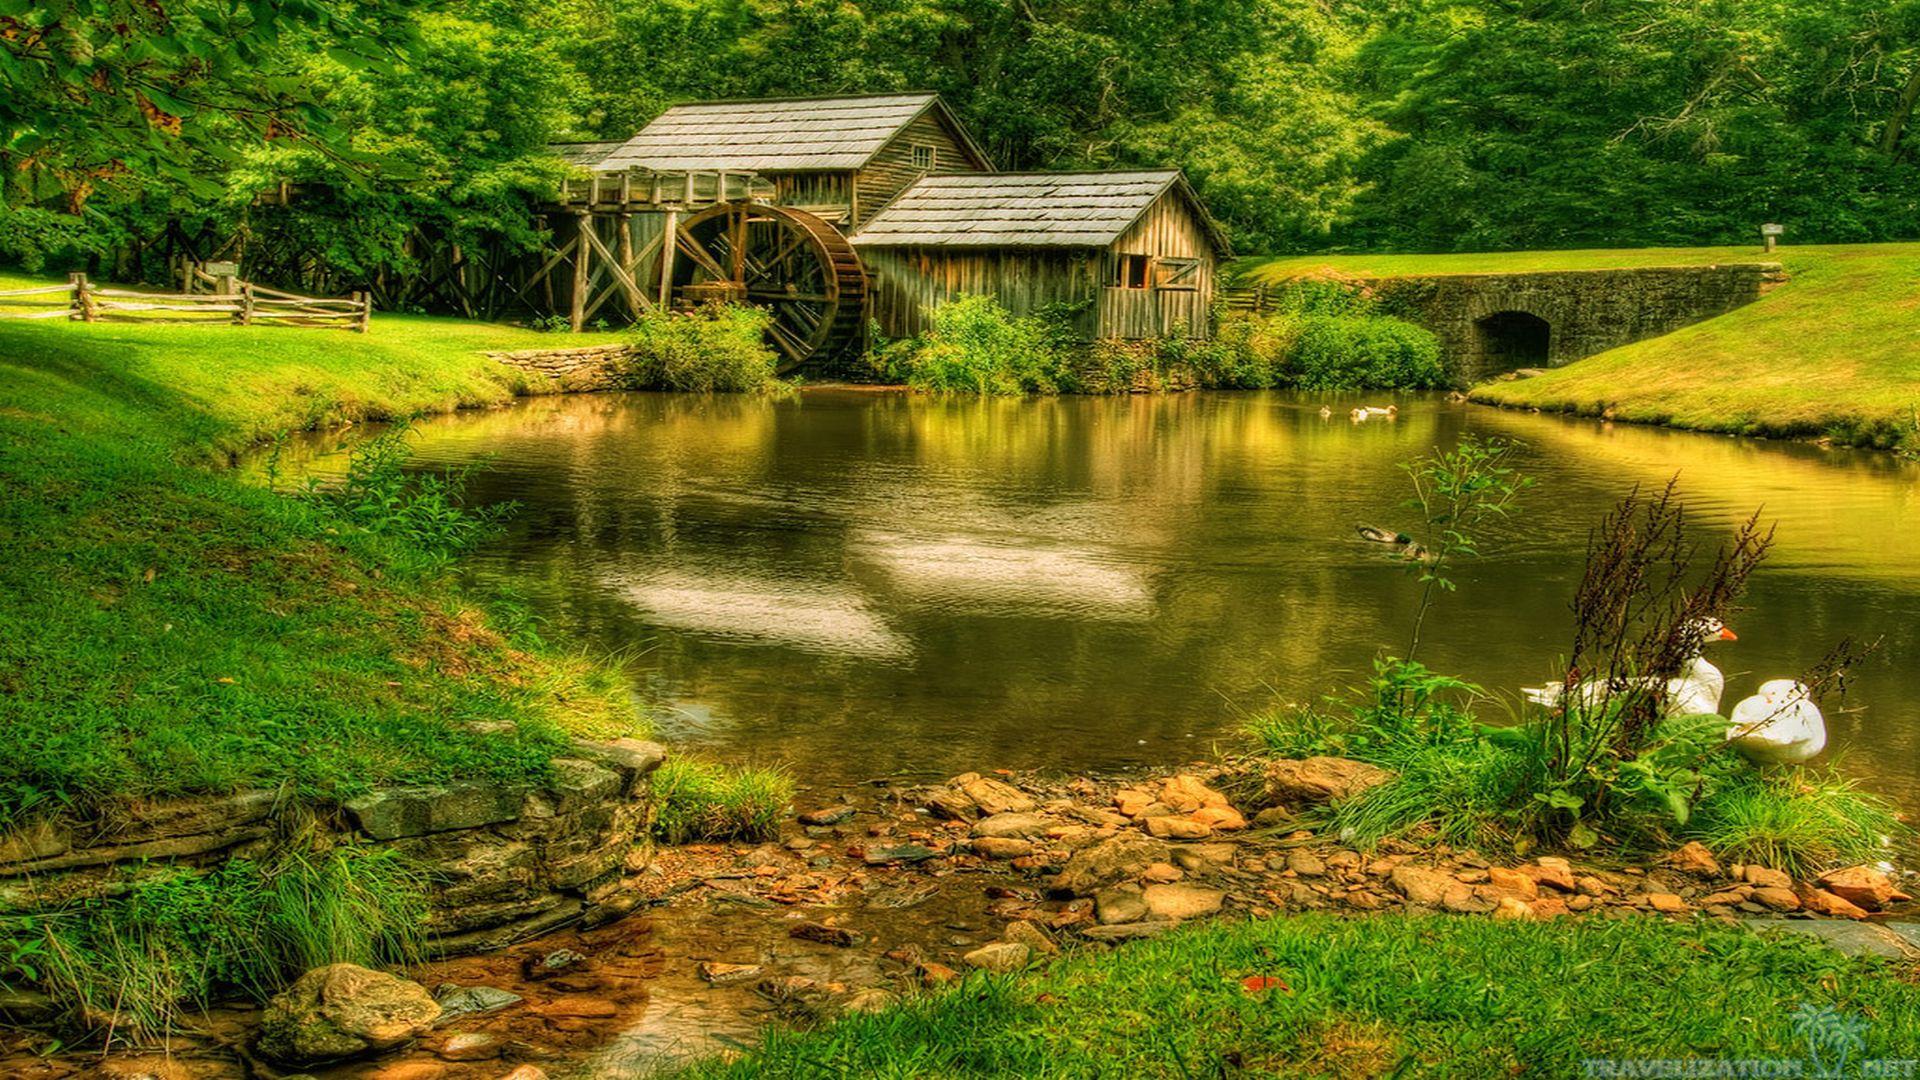 Nice Nature Scene